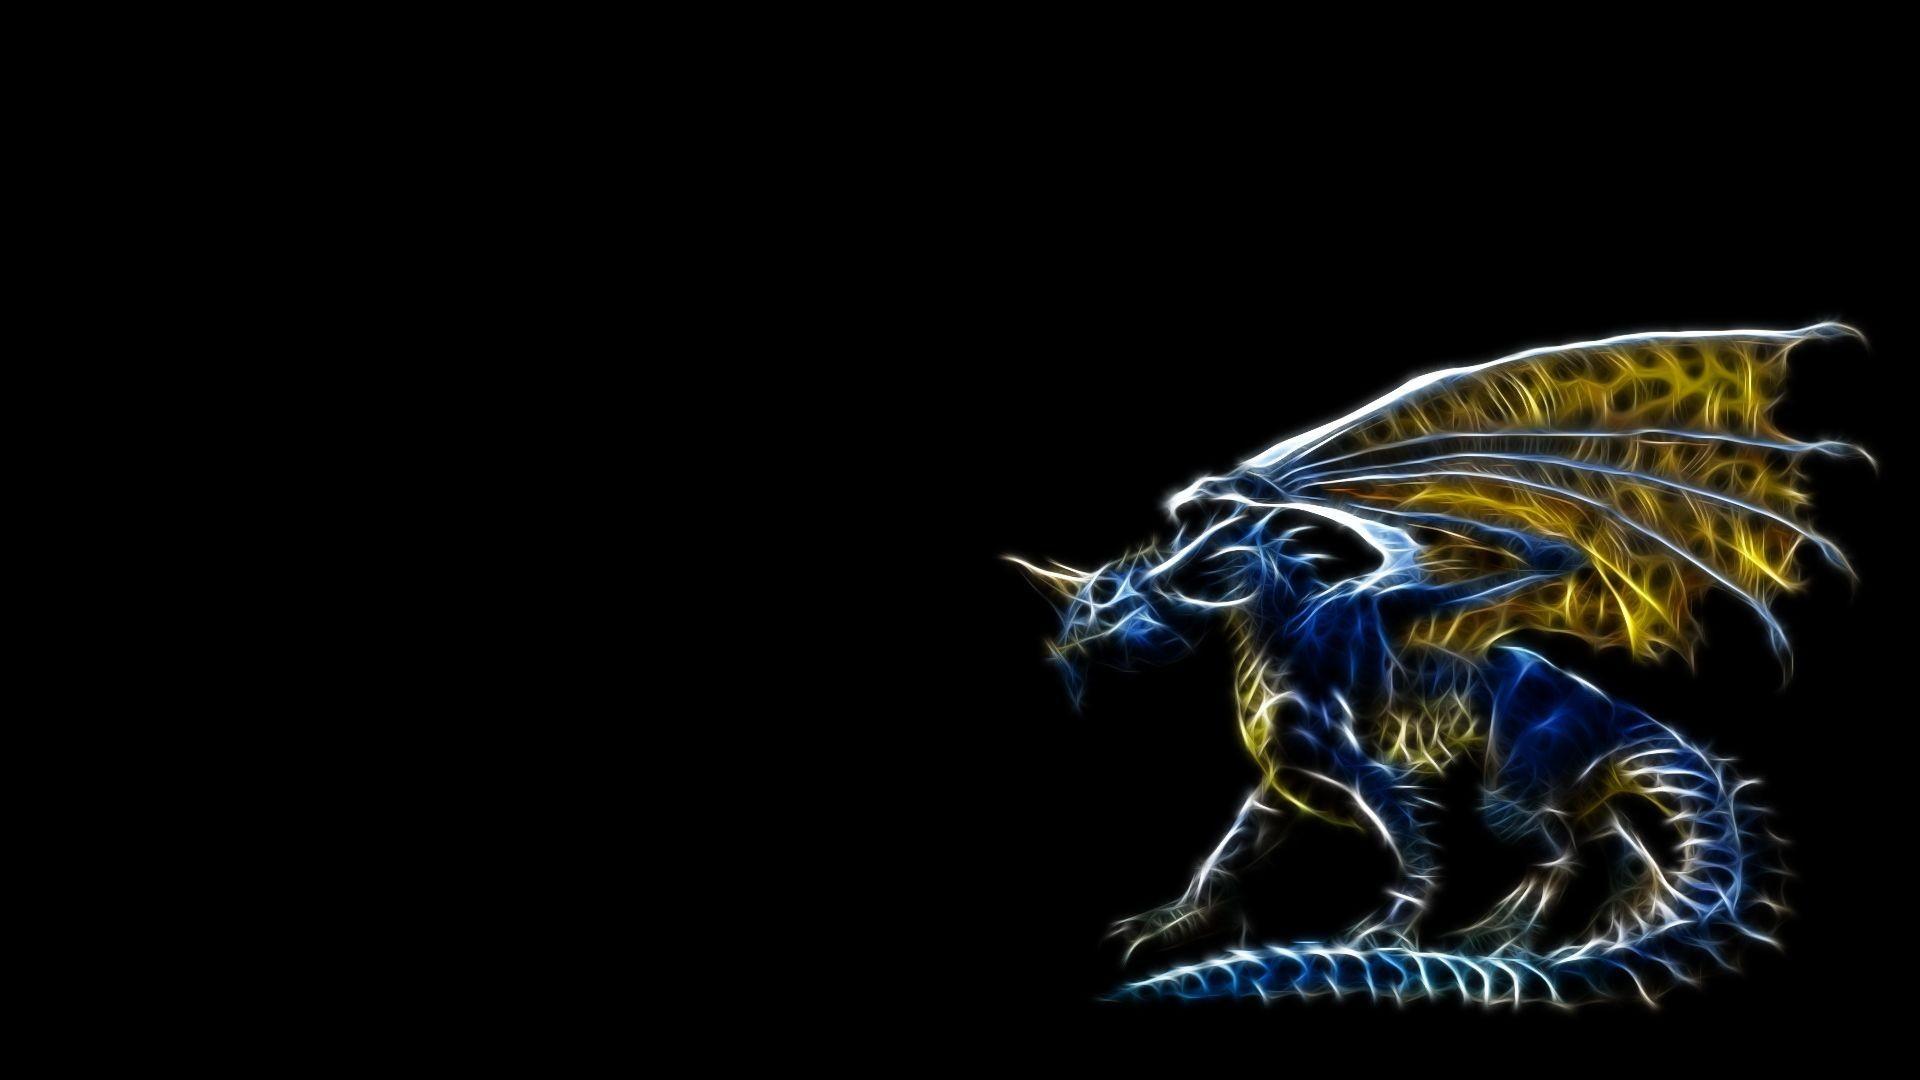 Dragon HD Wallpaper